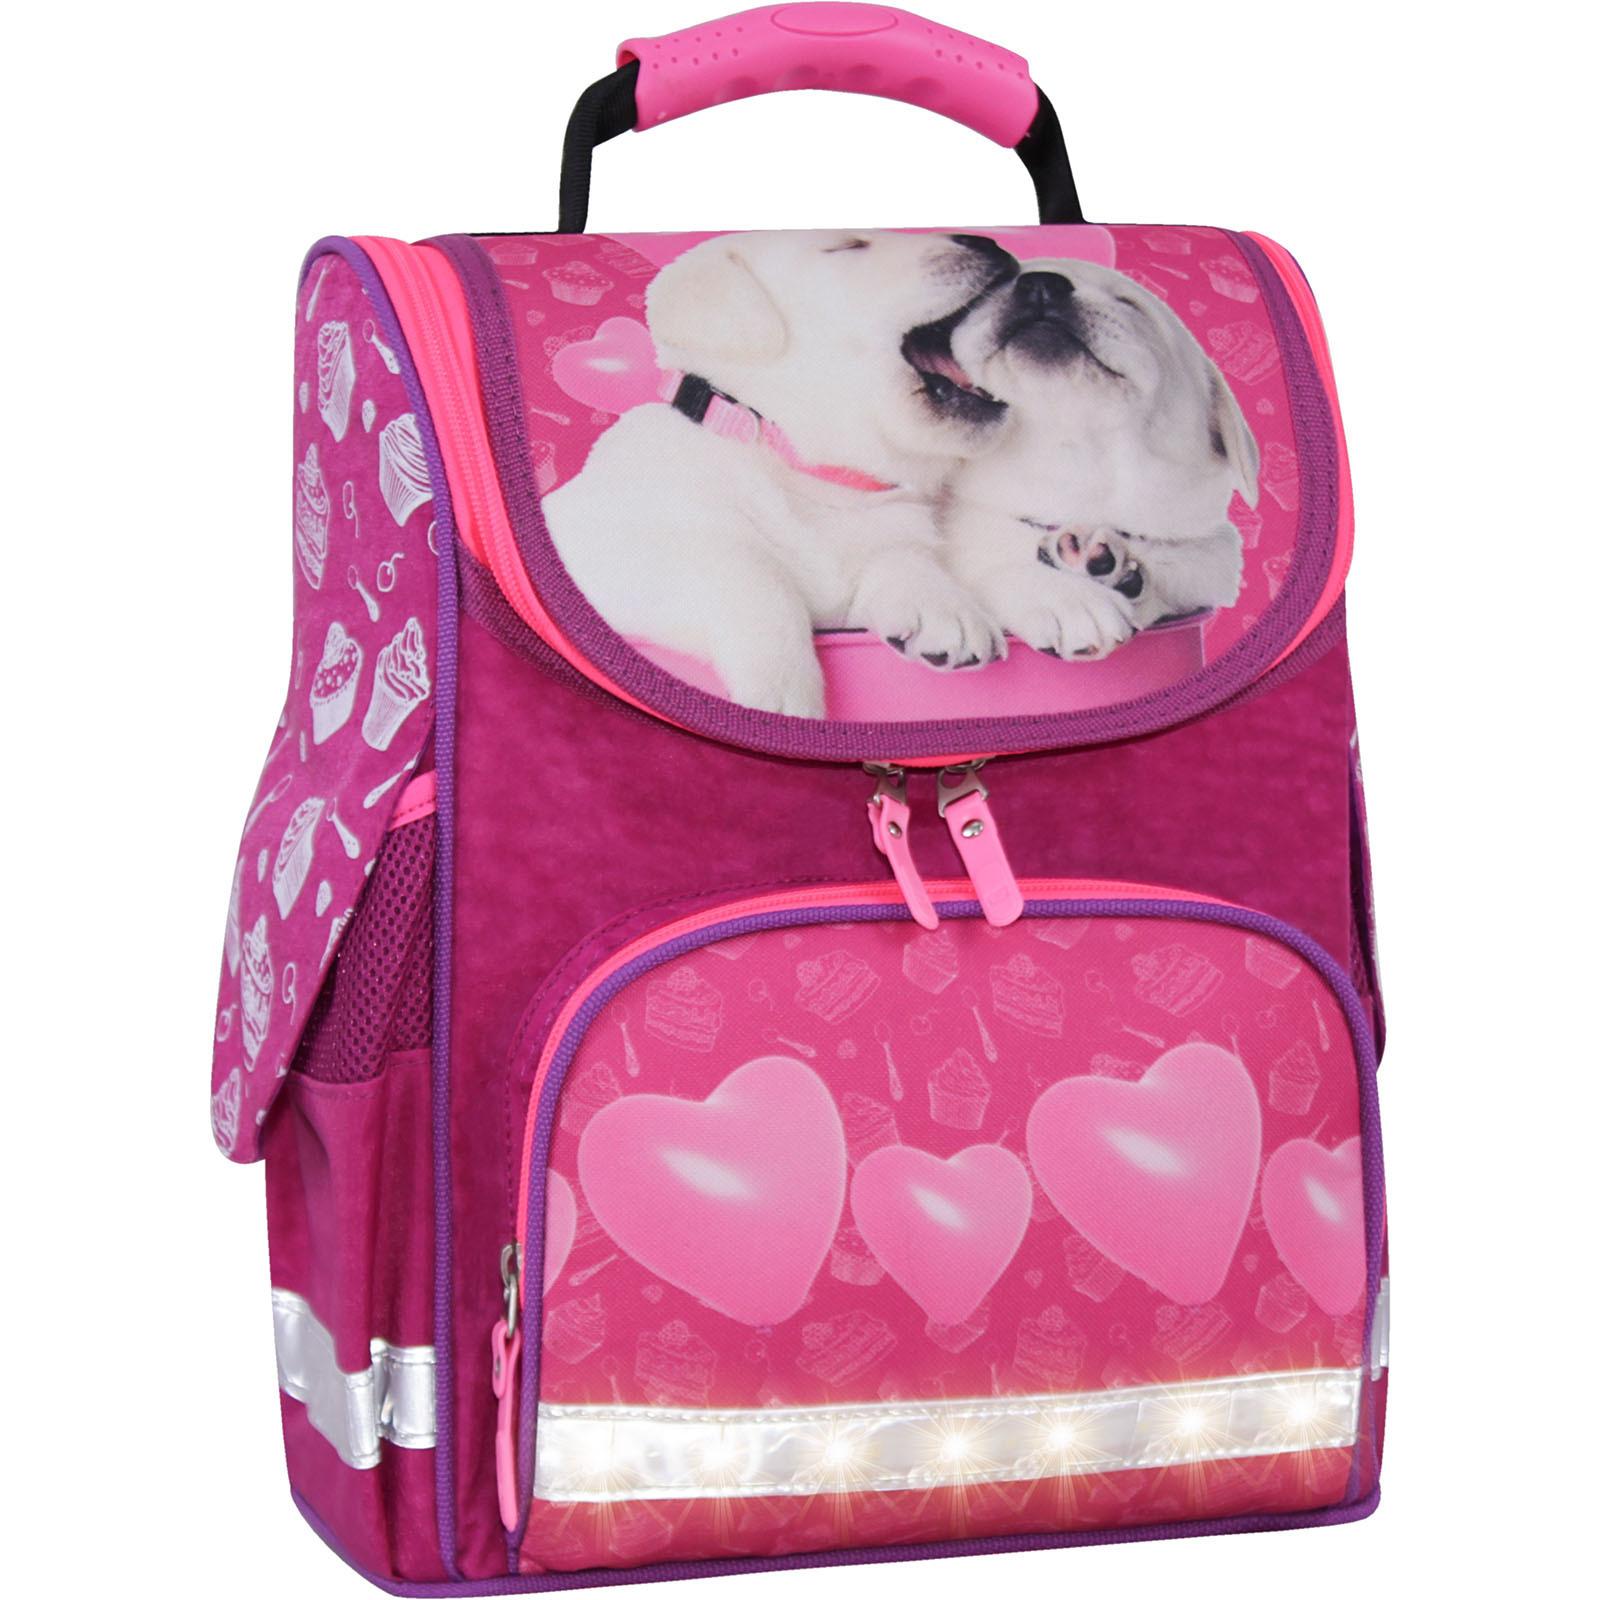 Школьные рюкзаки Рюкзак школьный каркасный с фонариками Bagland Успех 12 л. малиновый 593 (00551703) IMG_3821свет.суб593-1600.jpg